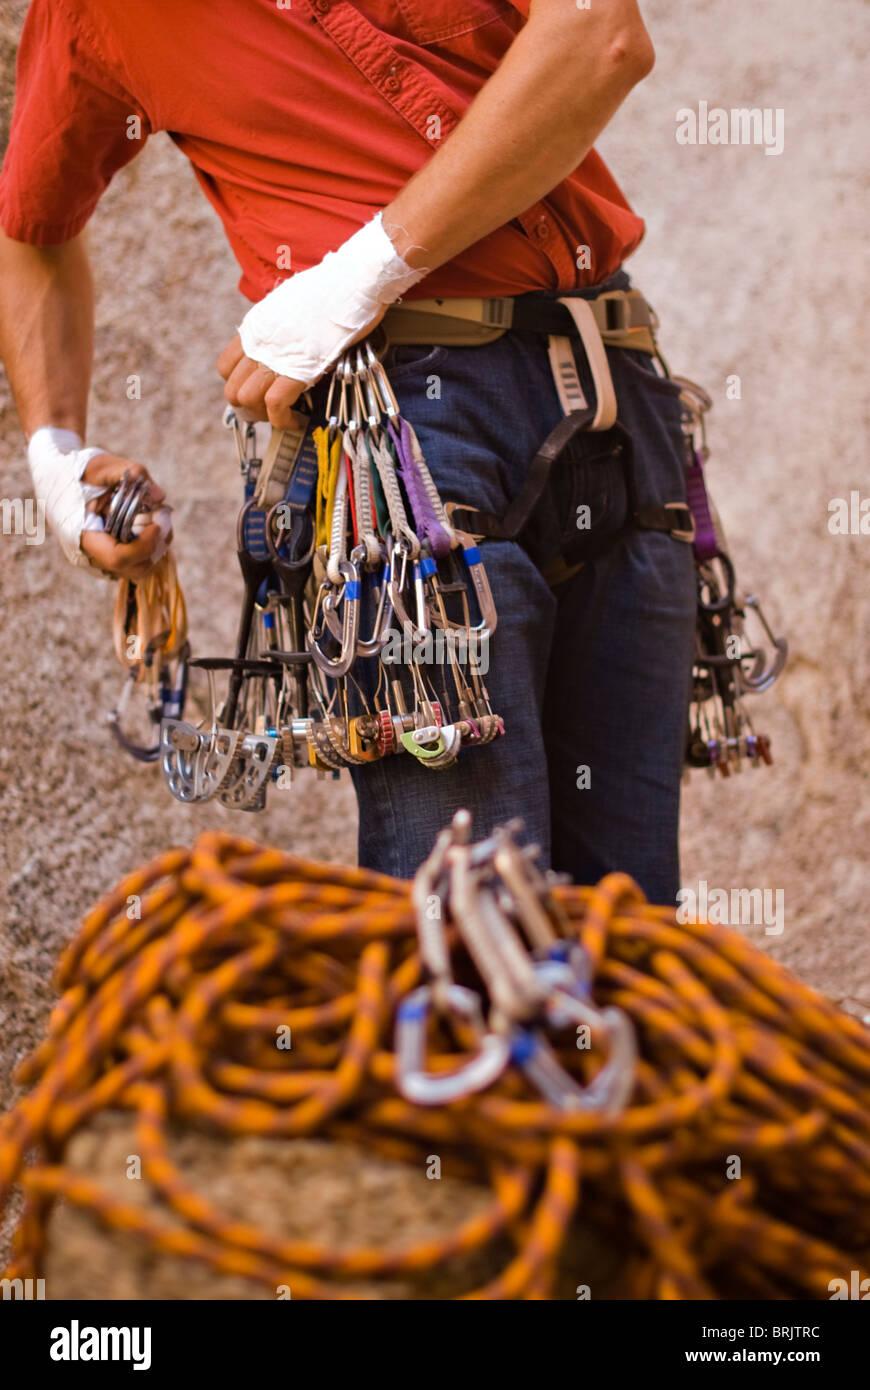 Un grimpeur en rouge se prépare à mener à l'intérieur, pris monter un itinéraire rated Photo Stock